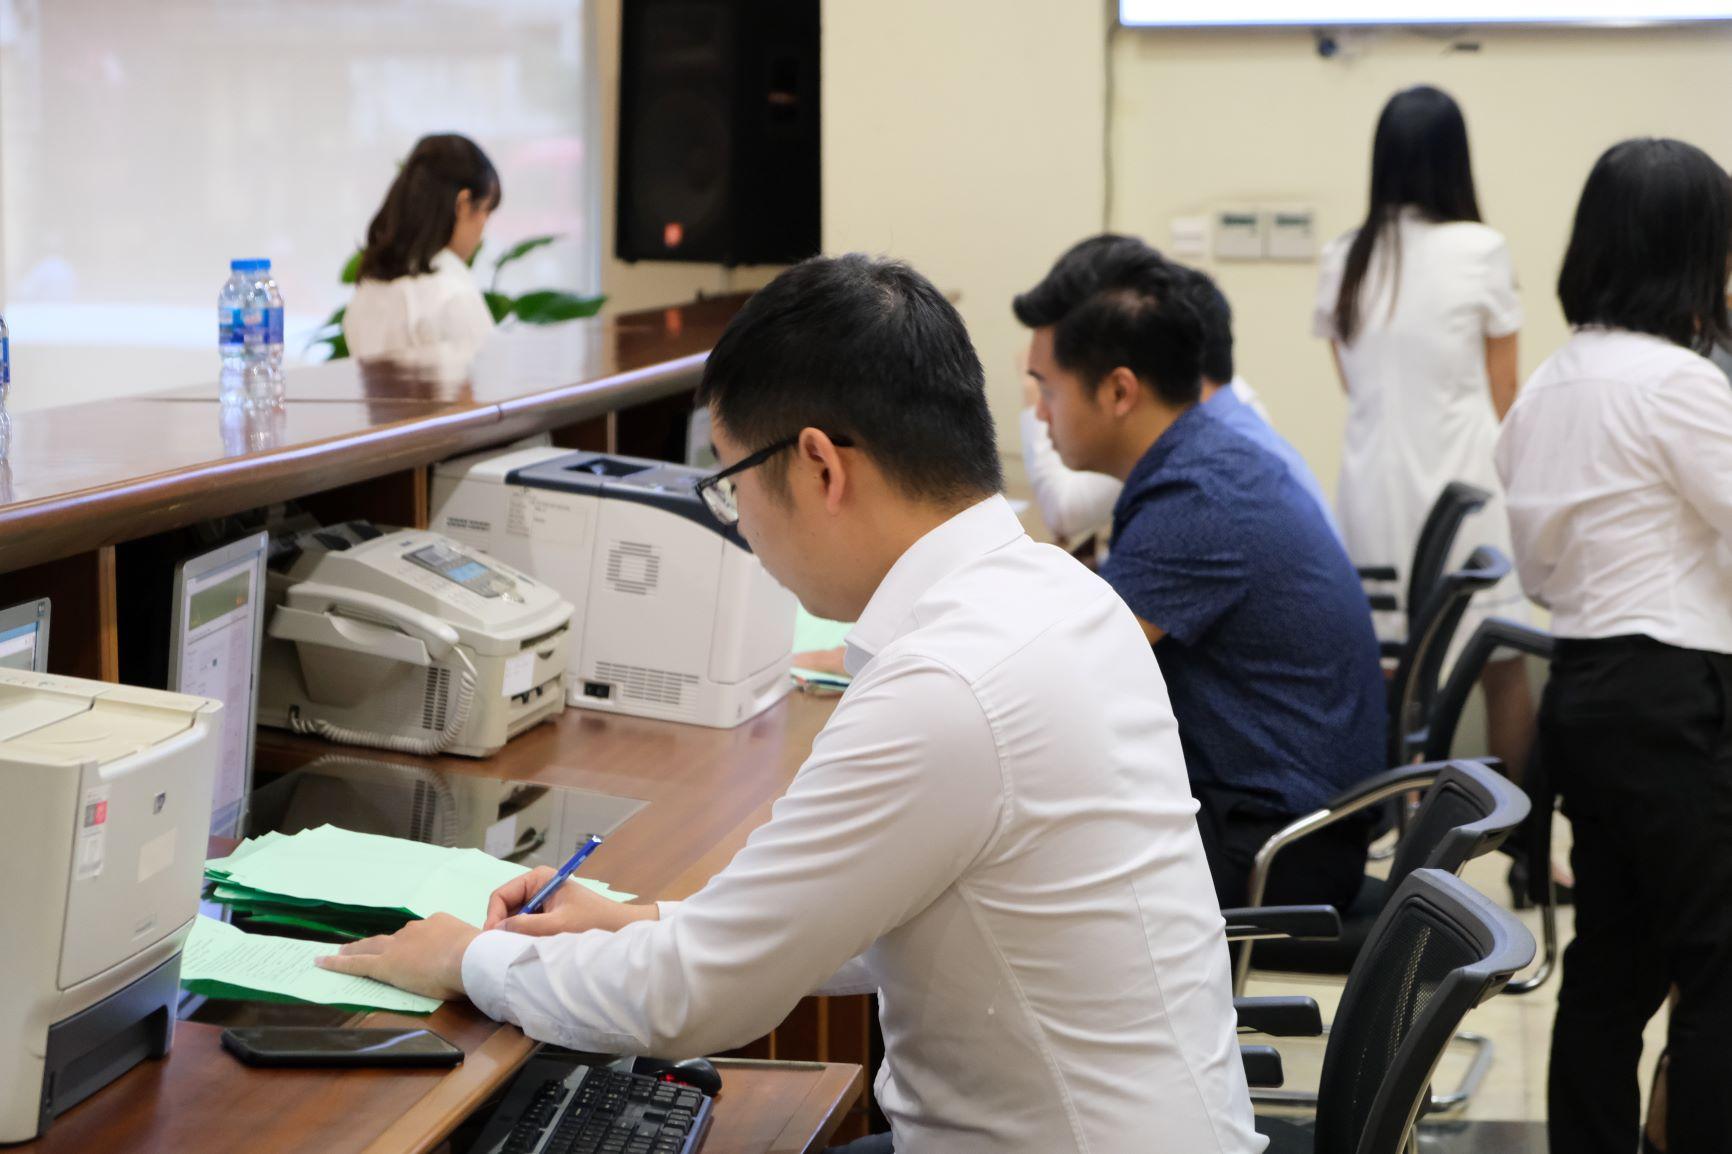 Đấu thầu thành công 6 201 tỷ đồng trái phiếu chính phủ